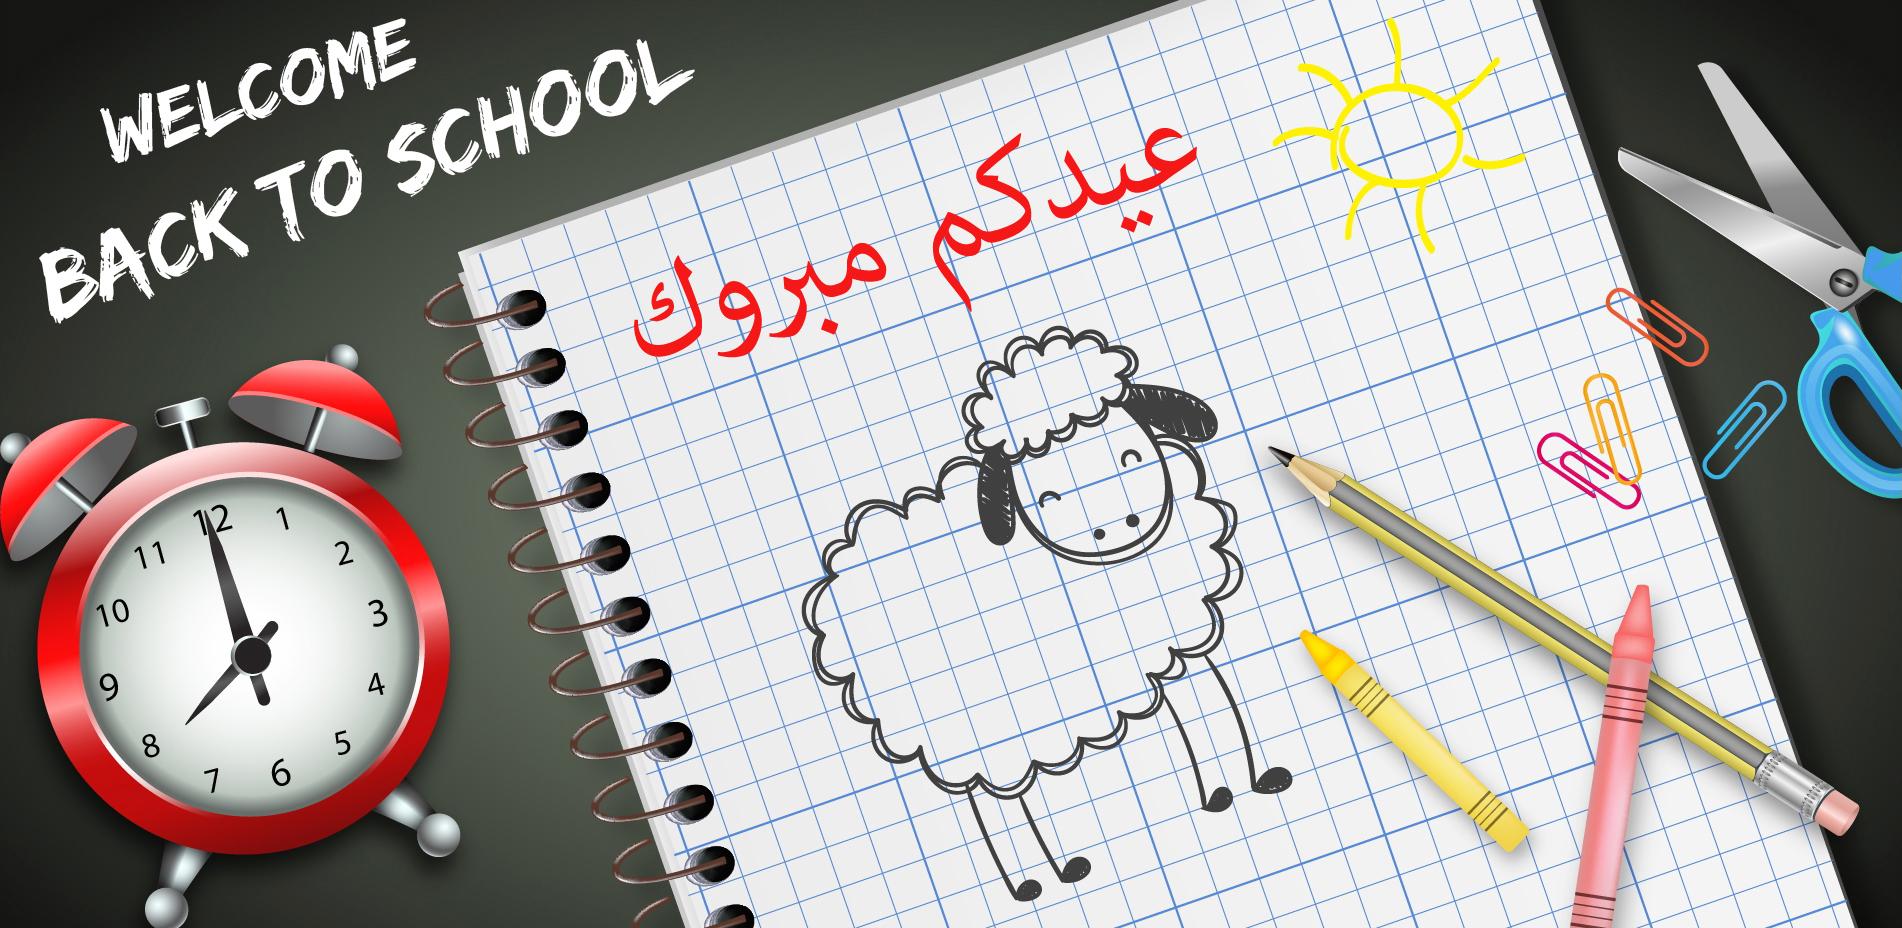 bannière-aid-school-site-web